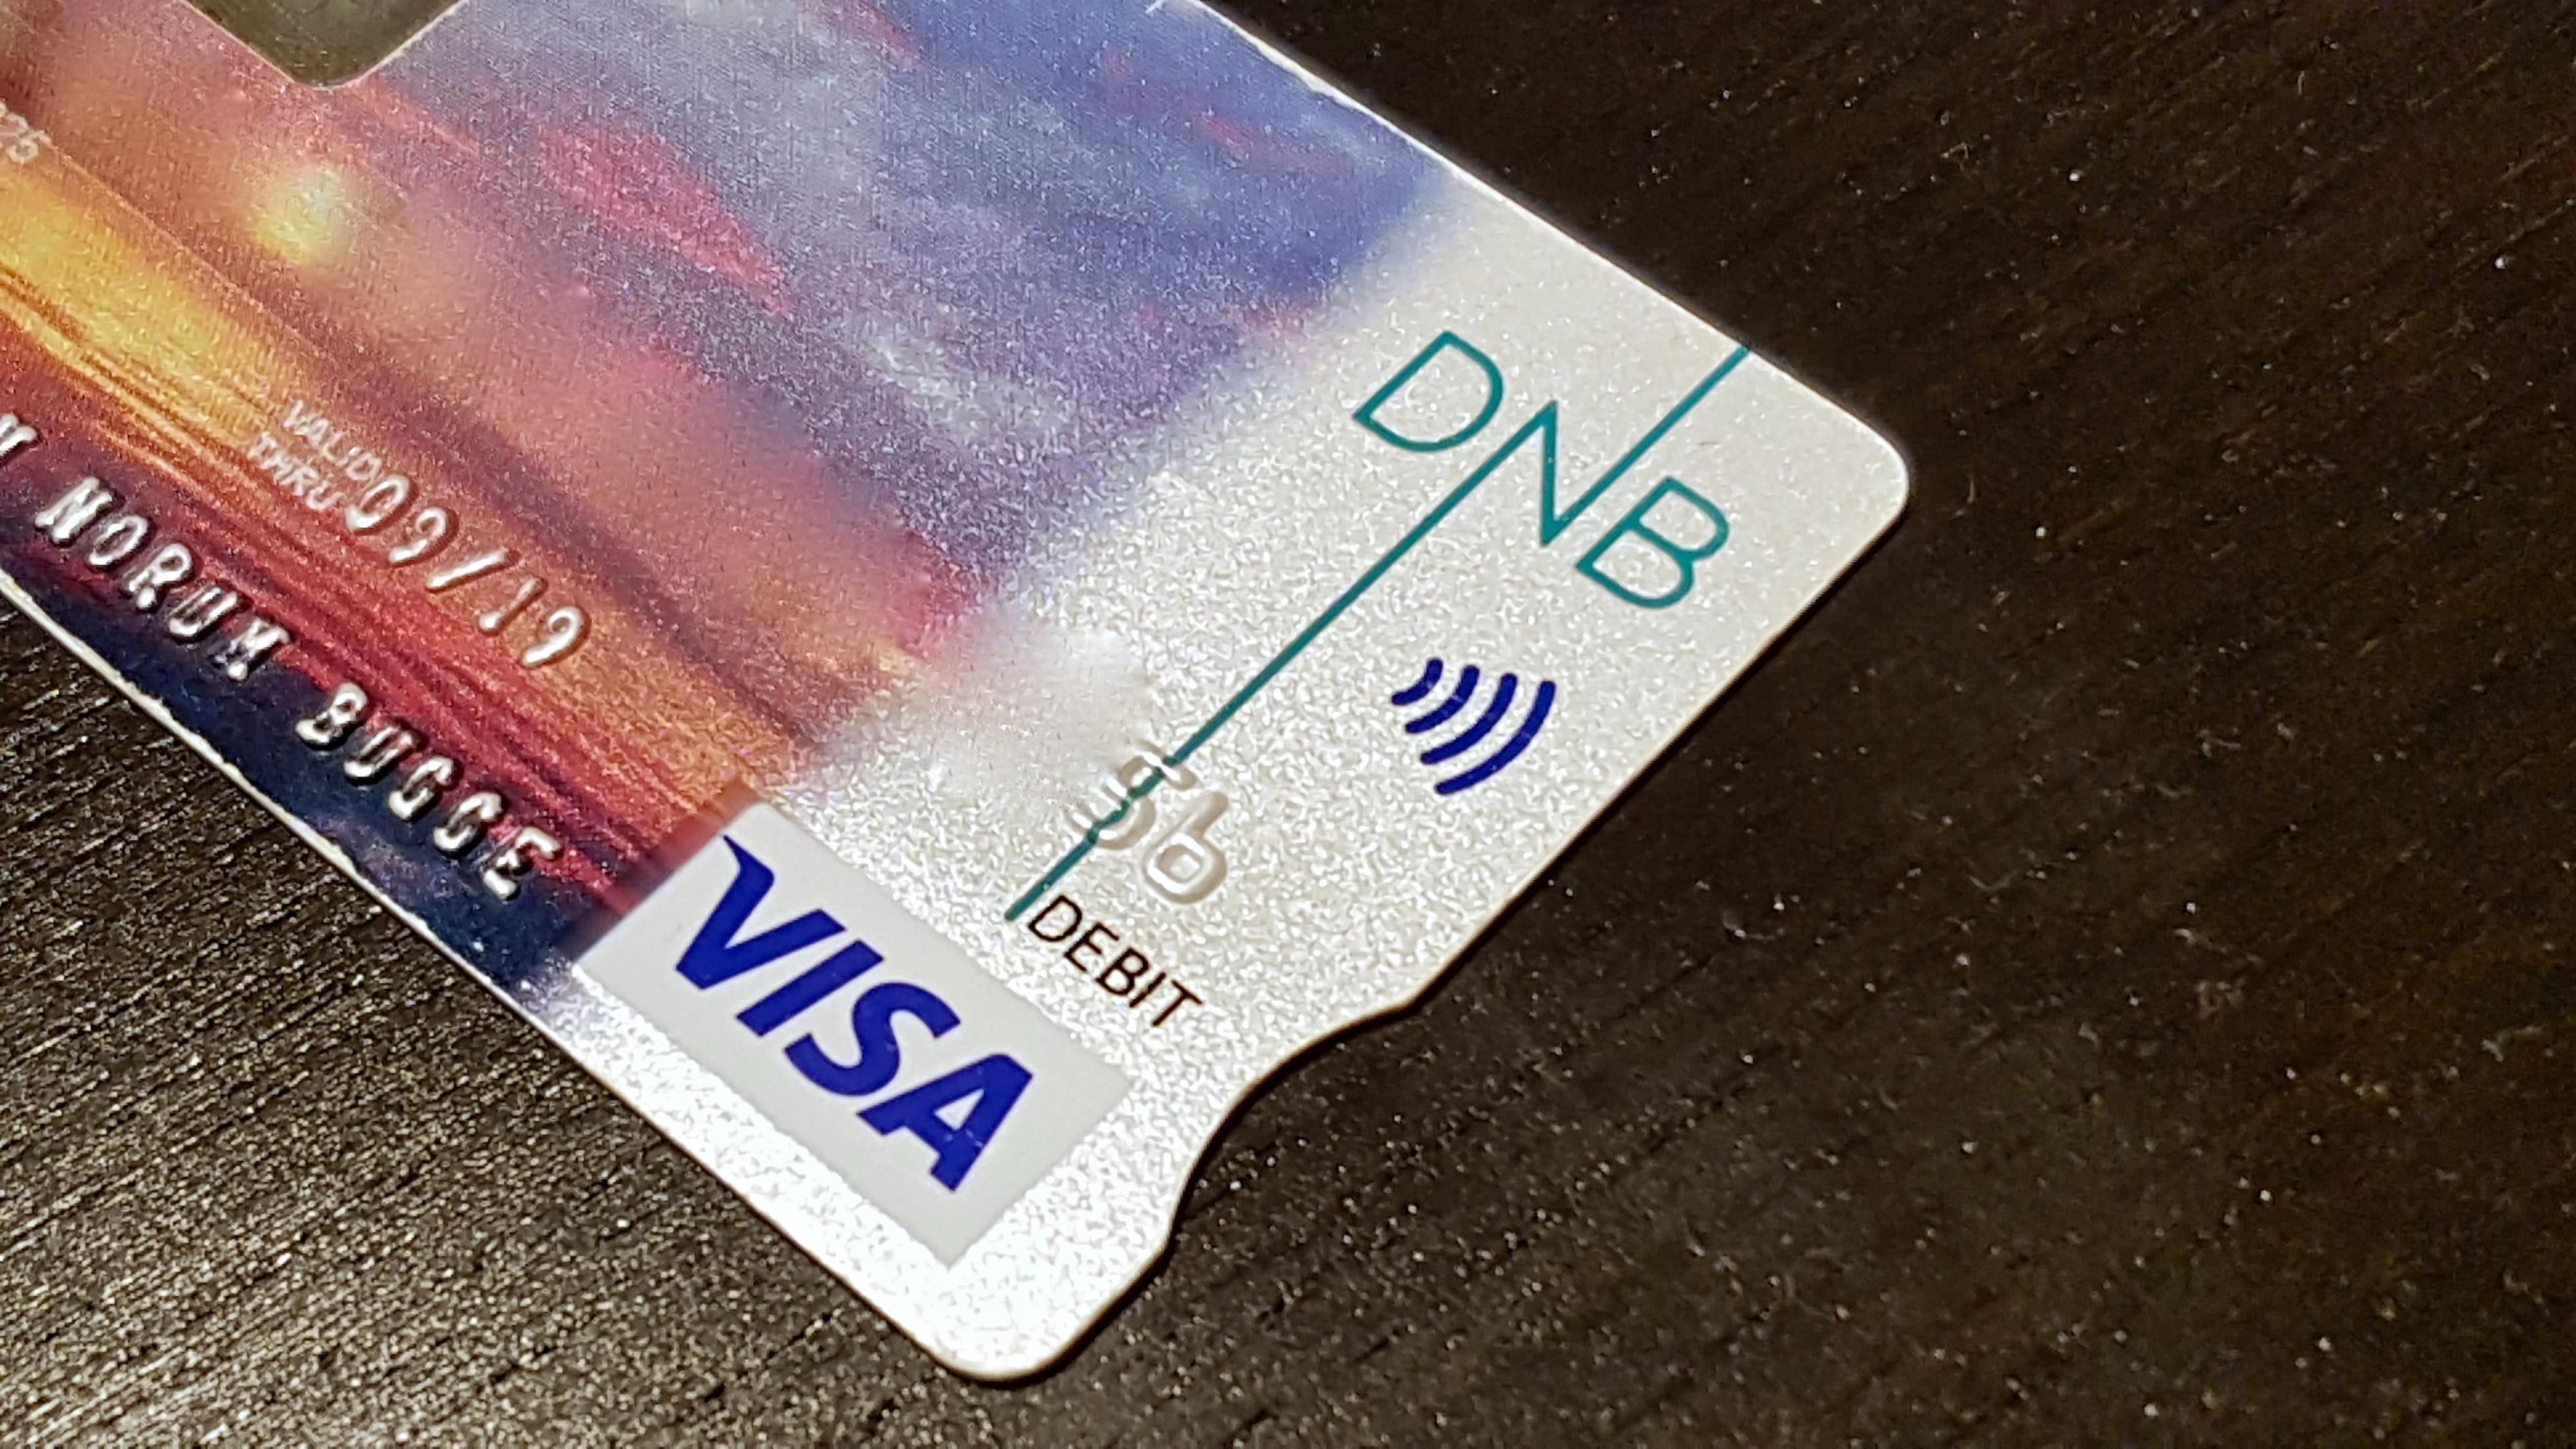 Bankkort med støtte for kontaktløs betaling er det MobilePay nå forsøker å ta opp kampen med, her eksemplifisert med undertegnedes bankkort. Kortets numre er sladdet av sikkerhetshensyn.